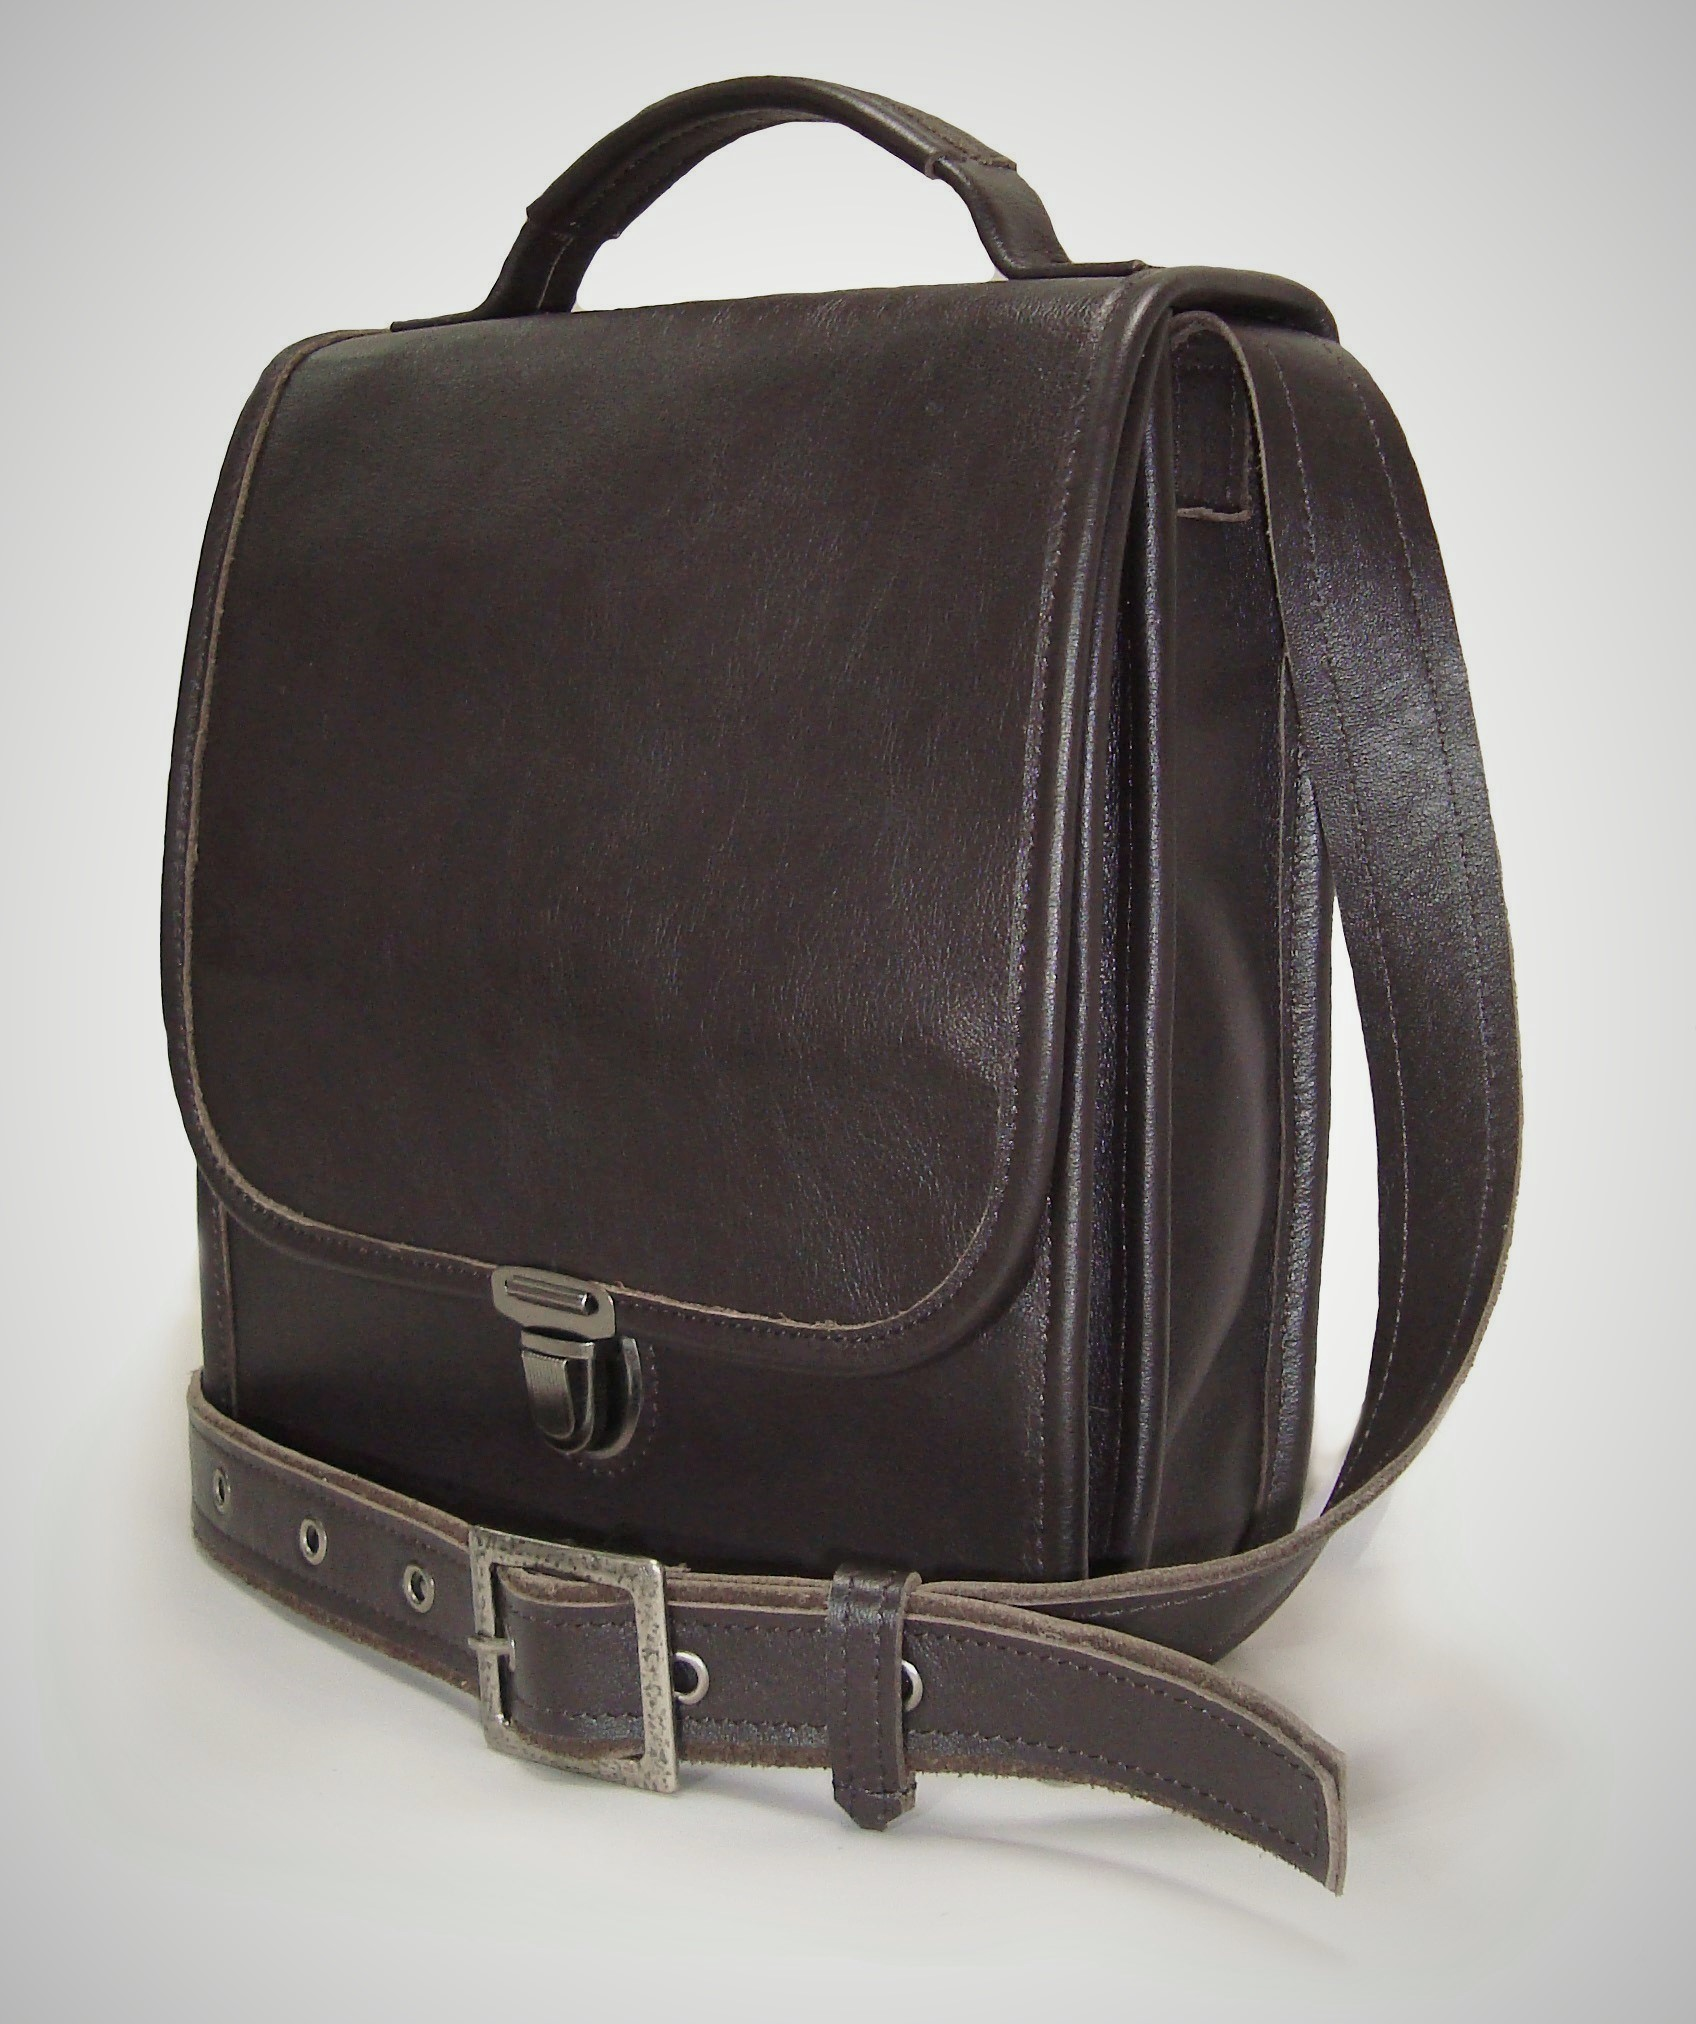 Сумка мужская Модель № 2-1Сумки и др. изделия из кожи<br>Высота сумки: 26 см <br>Ширина сумки: 22 см <br>Ширина бок: 6 см <br>Длинна ремня: 120 см<br><br>Тип: Муж. сумка<br>Размер: -<br>Материал: Натуральная кожа